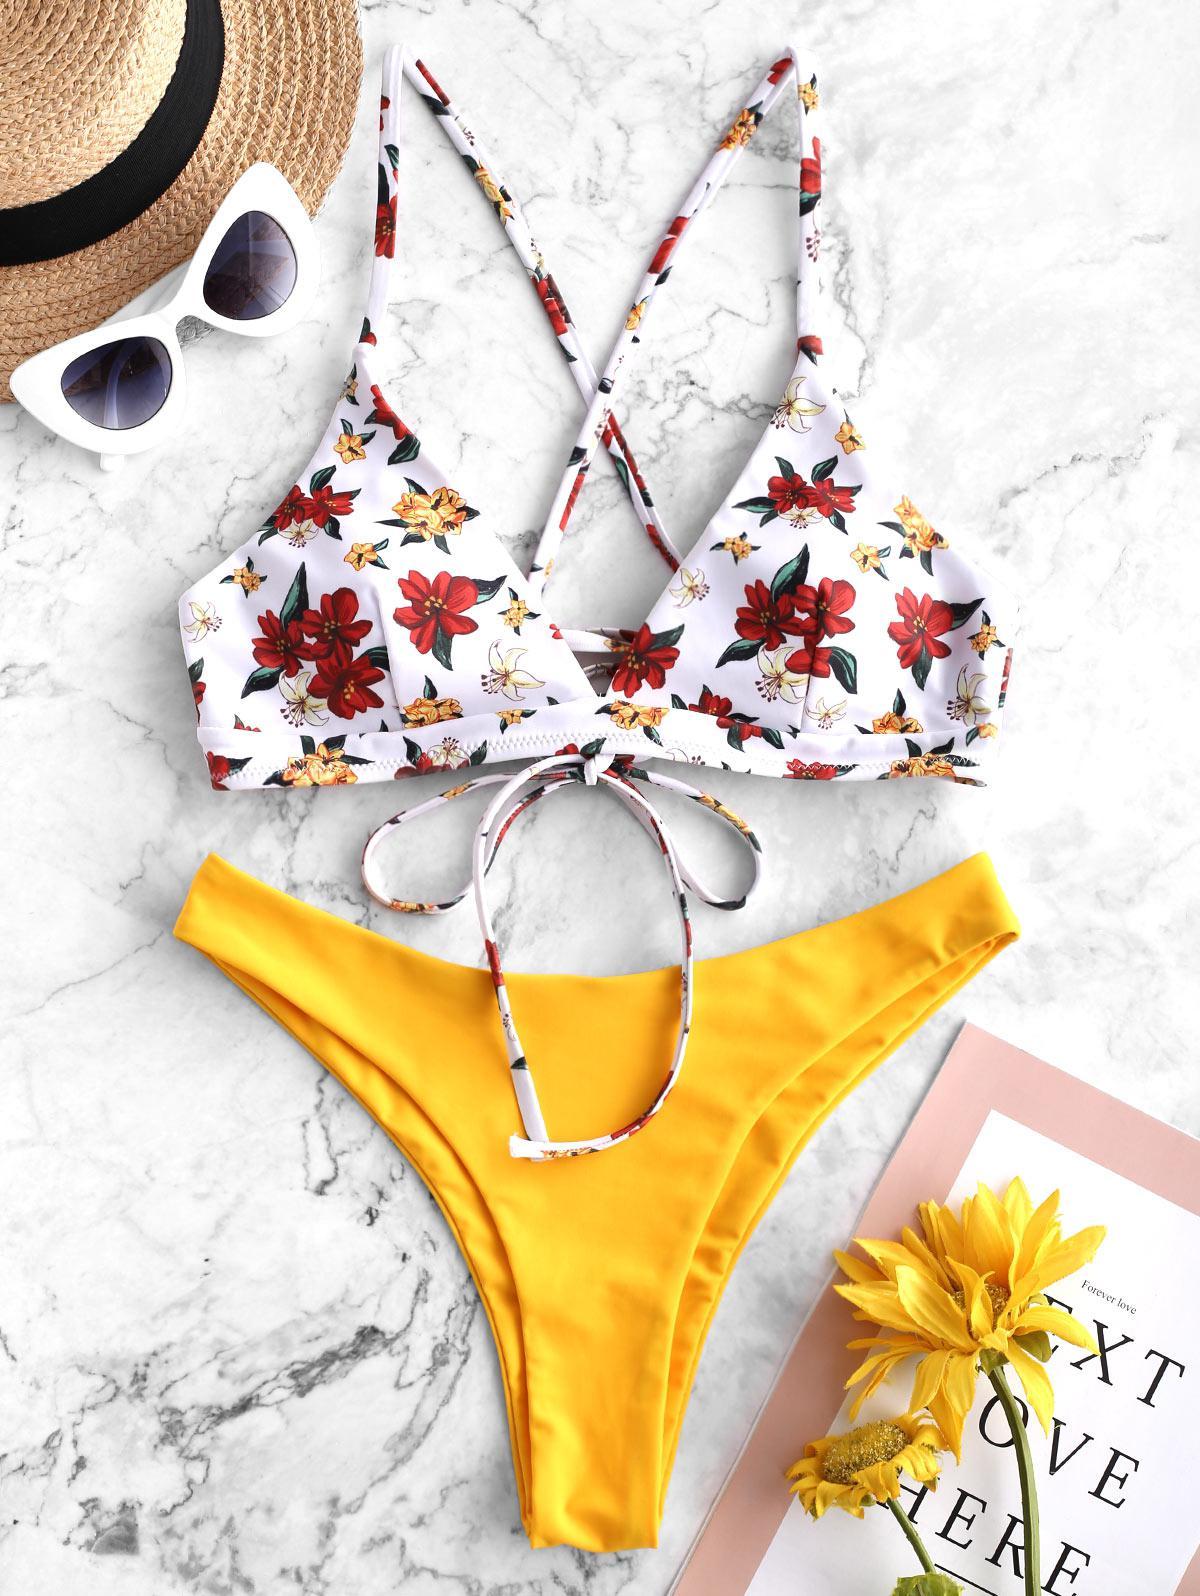 ZAFUL Lace Up Floral Mix and Match Bikini Swimsuit, Bright yellow